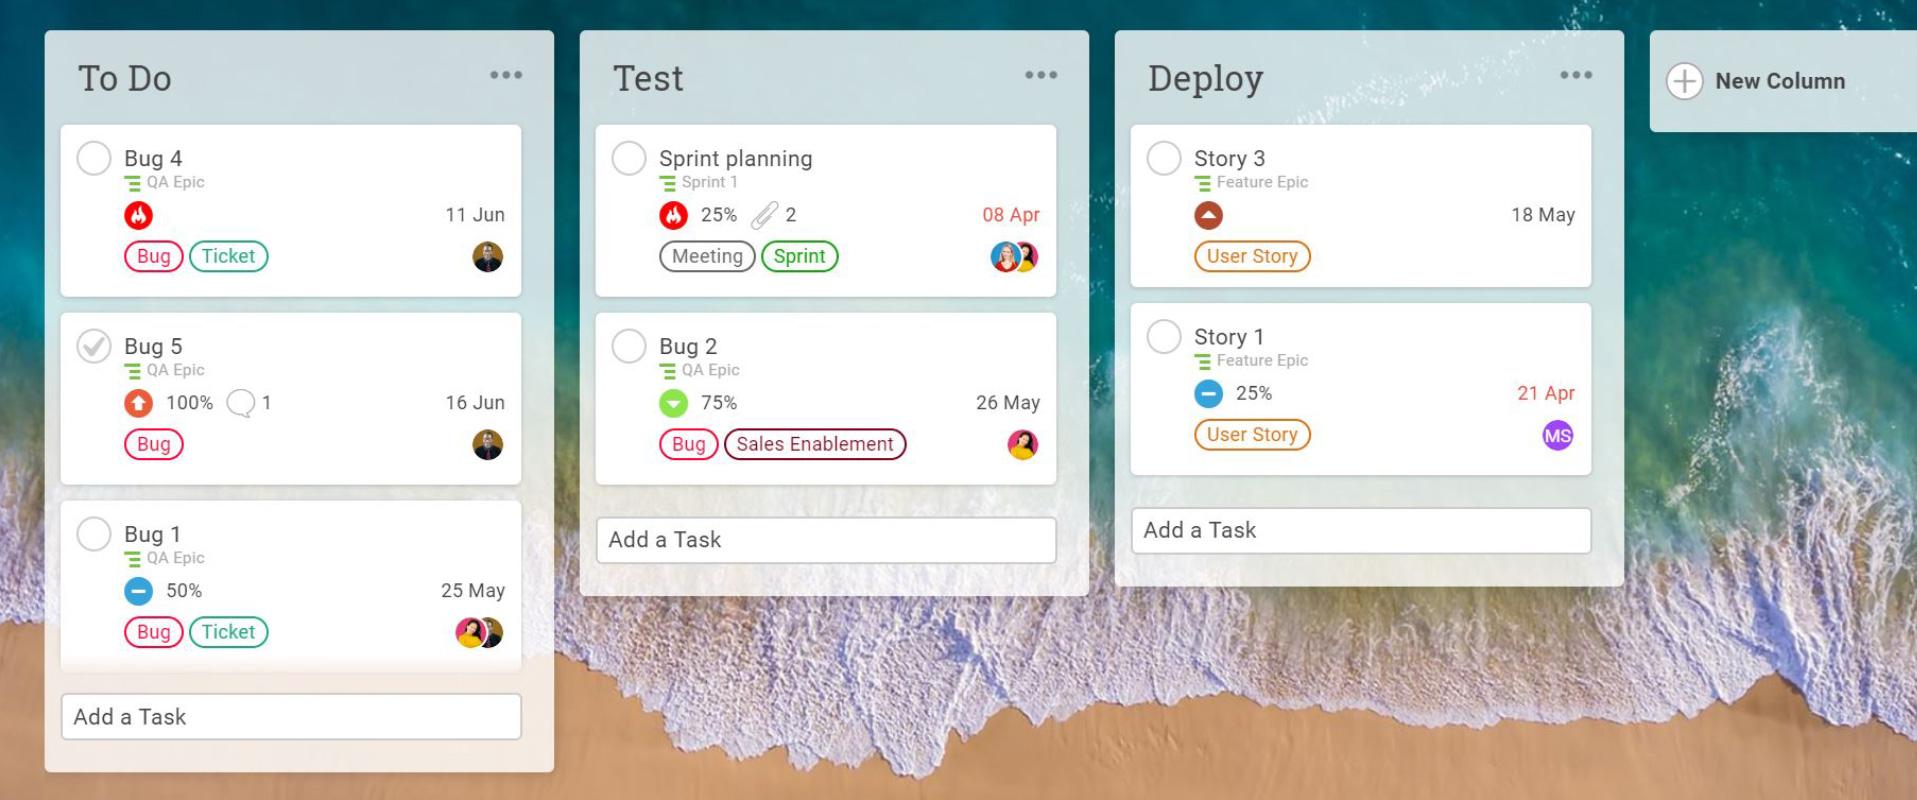 Columnas personalizadas en un tablero Kanban en ProjectManager.com